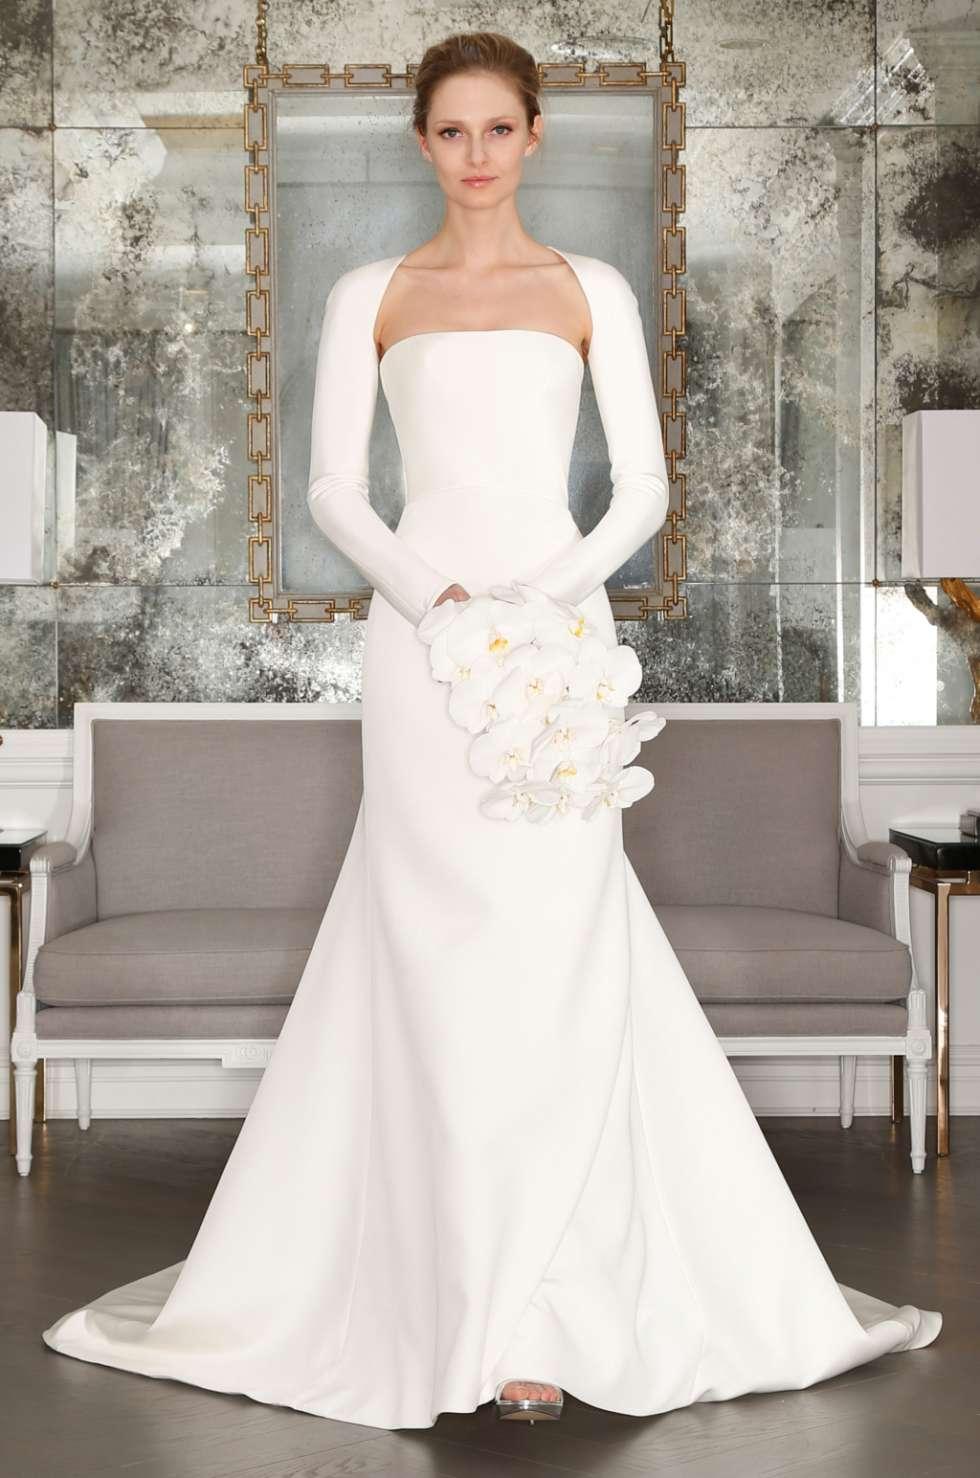 مجموعة رومونا كيفيزا لفساتين الزفاف